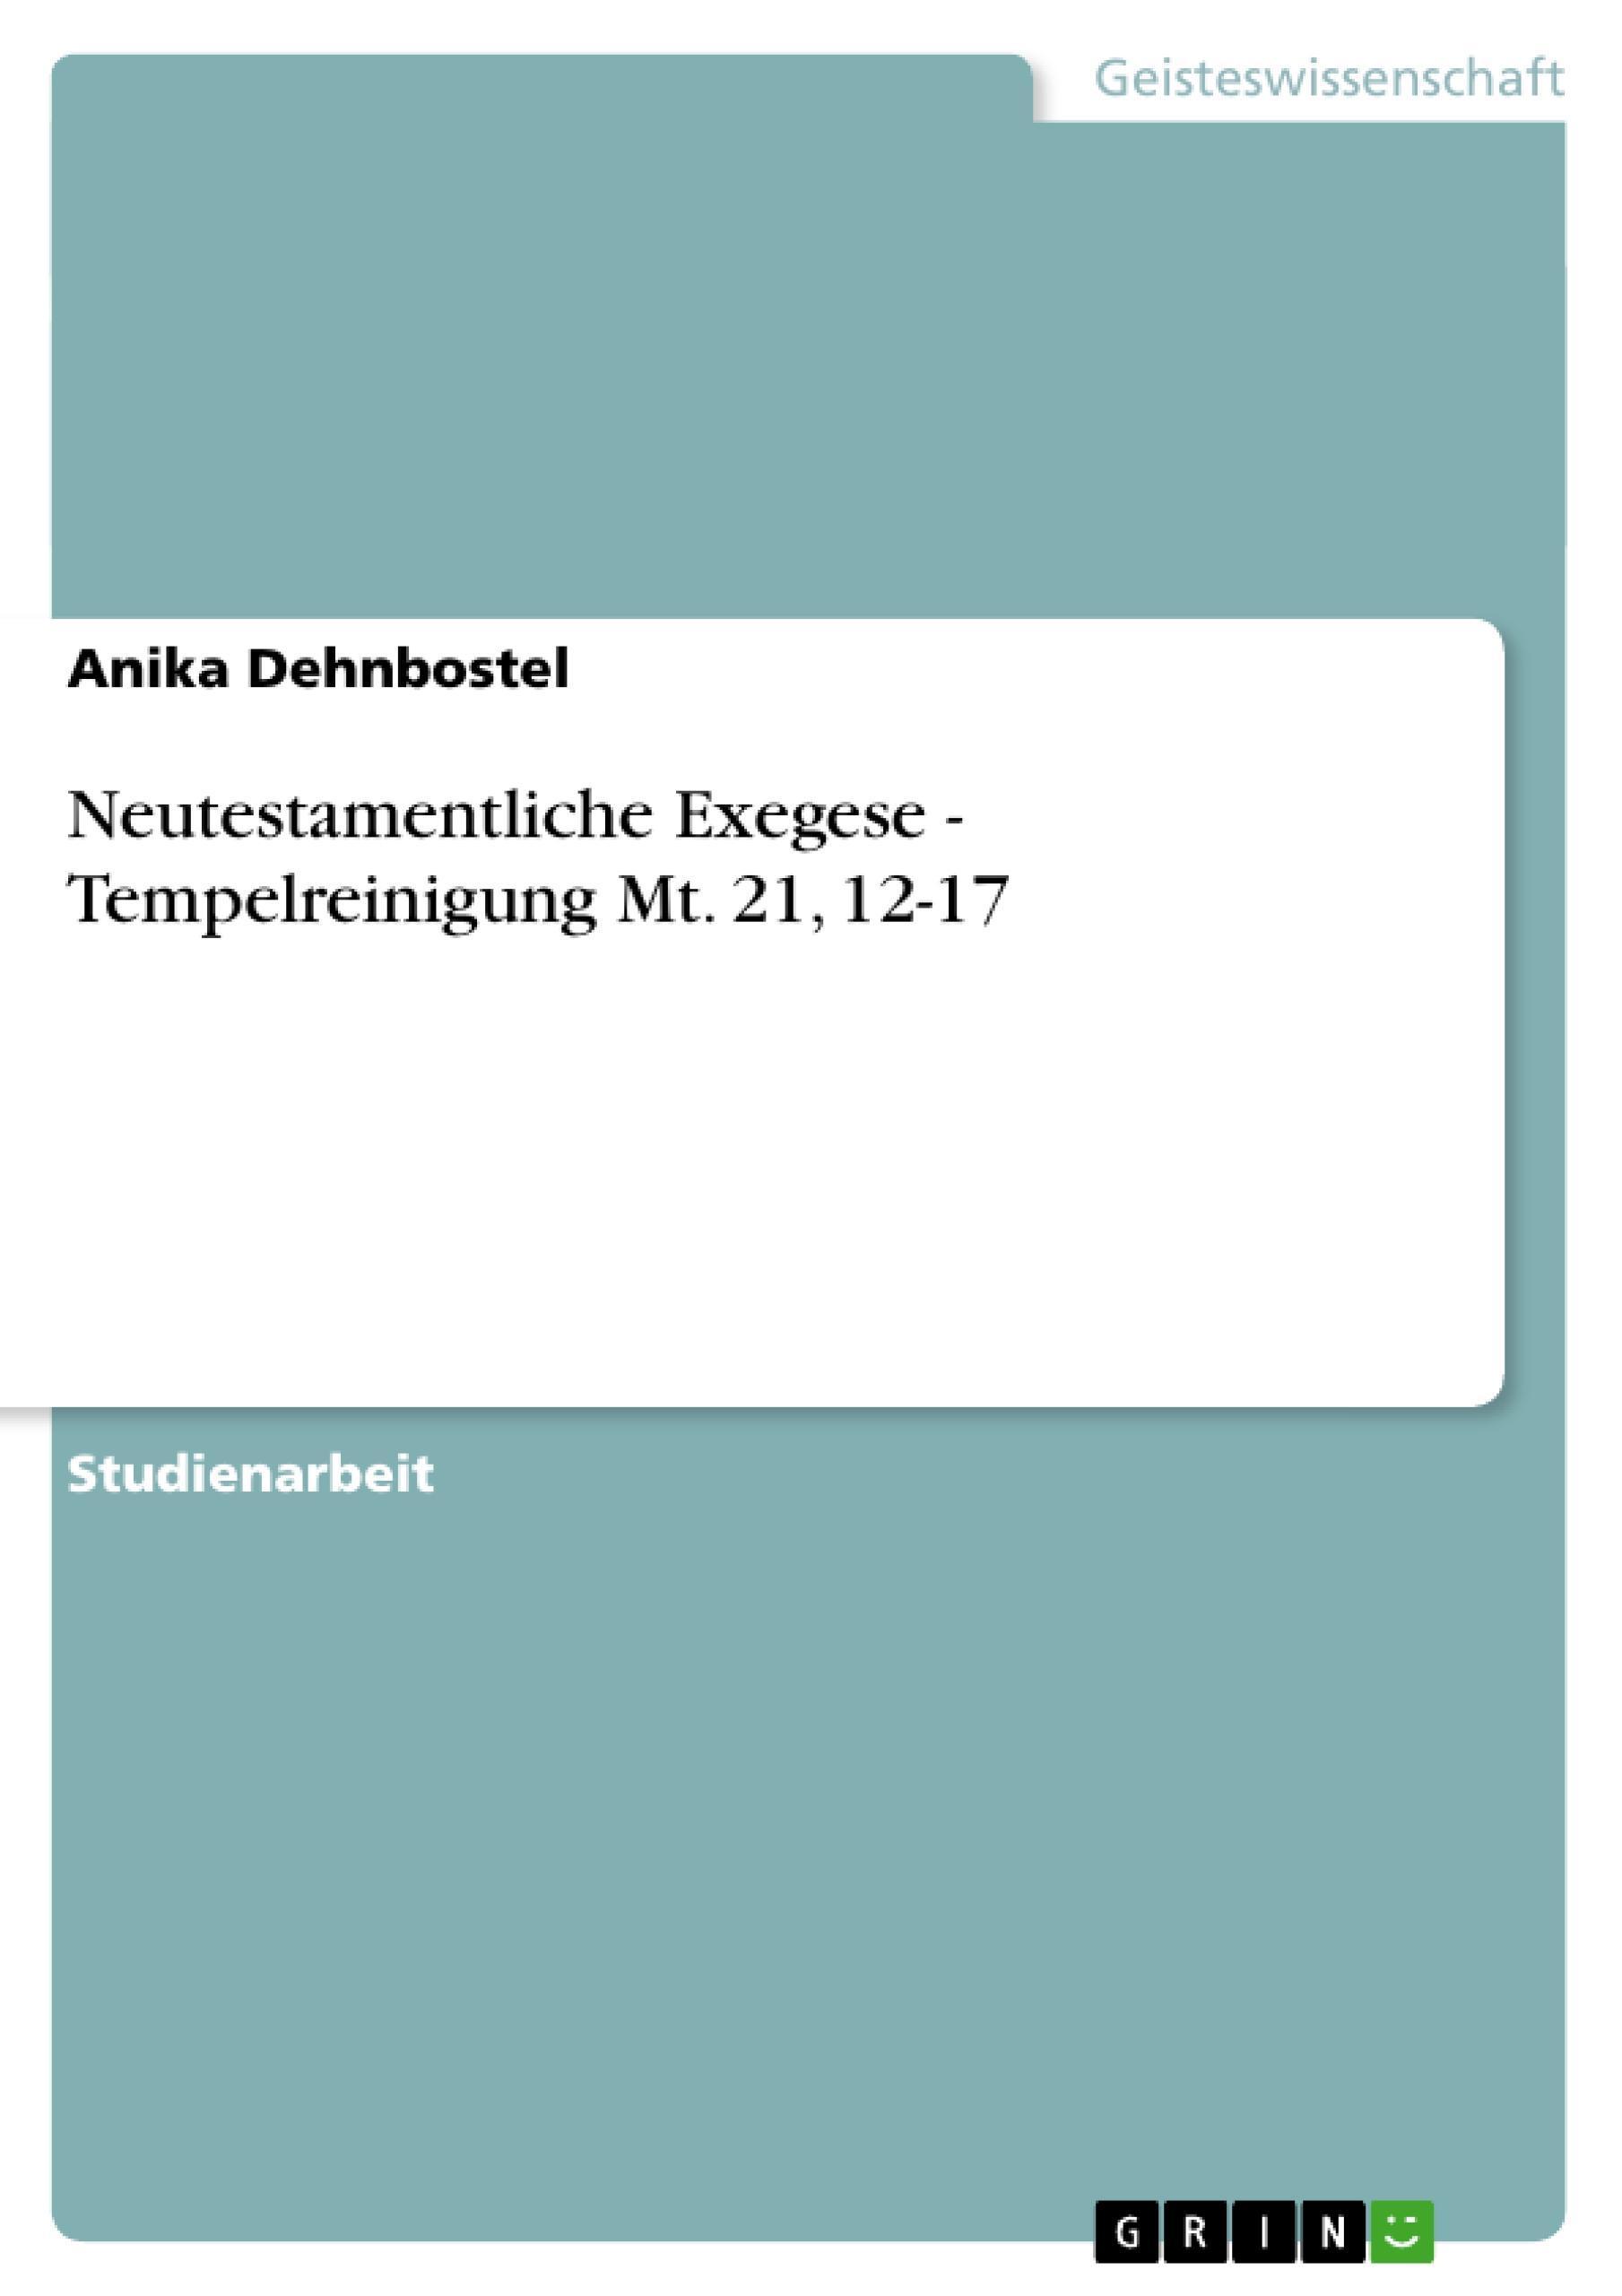 Neutestamentliche Exegese - Tempelreinigung Mt. 21, 12-17 Anika Dehnbostel